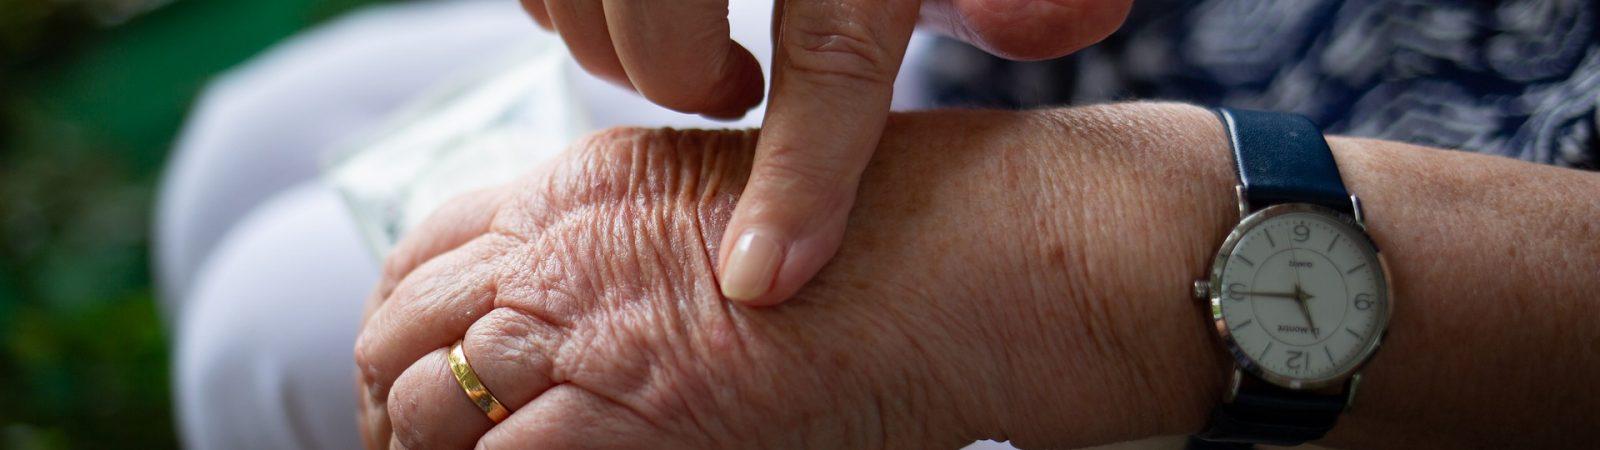 Un compuesto desarrollado por investigadores de la UMH reduce el picor de la psoriasis sin producir efectos secundarios.